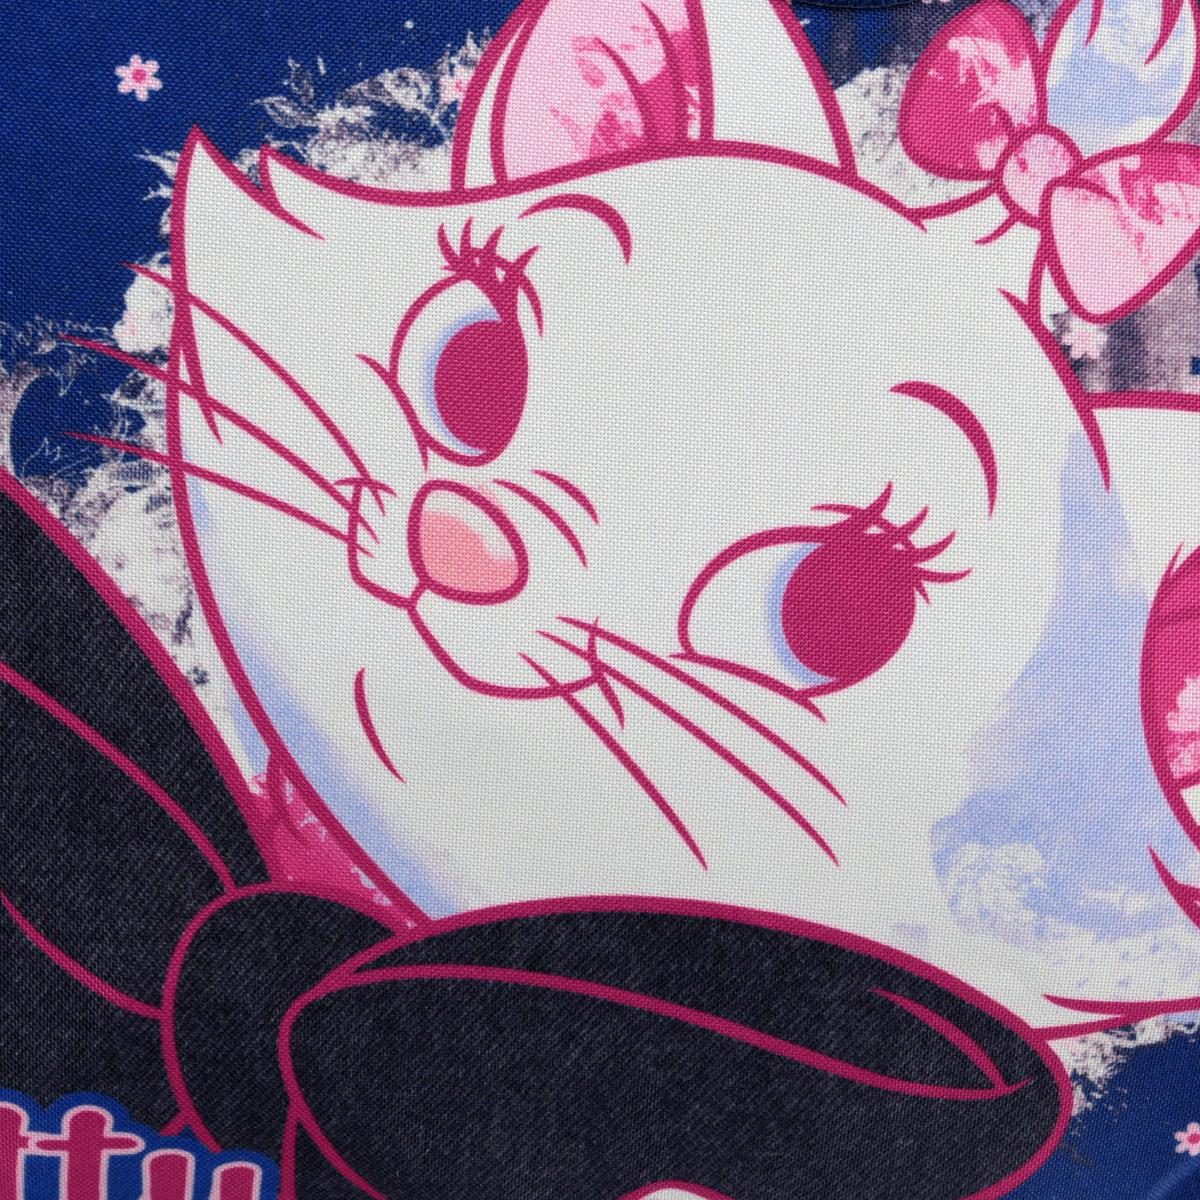 Стильная сумочка Marie Cat порадует любую модницу и поклонницу мультфильма.  Сумочка имеет одно вместительное отделение, закрывающееся на молнию. Лицевая сторона сумочки оформлена изображением очаровательной кошечки. Она оснащена ручками для переноски в руке. Высота ручек 20 см. Каждая юная поклонница популярного мультфильма будет рада такому аксессуару.  Предназначено для детей 7-10 лет.